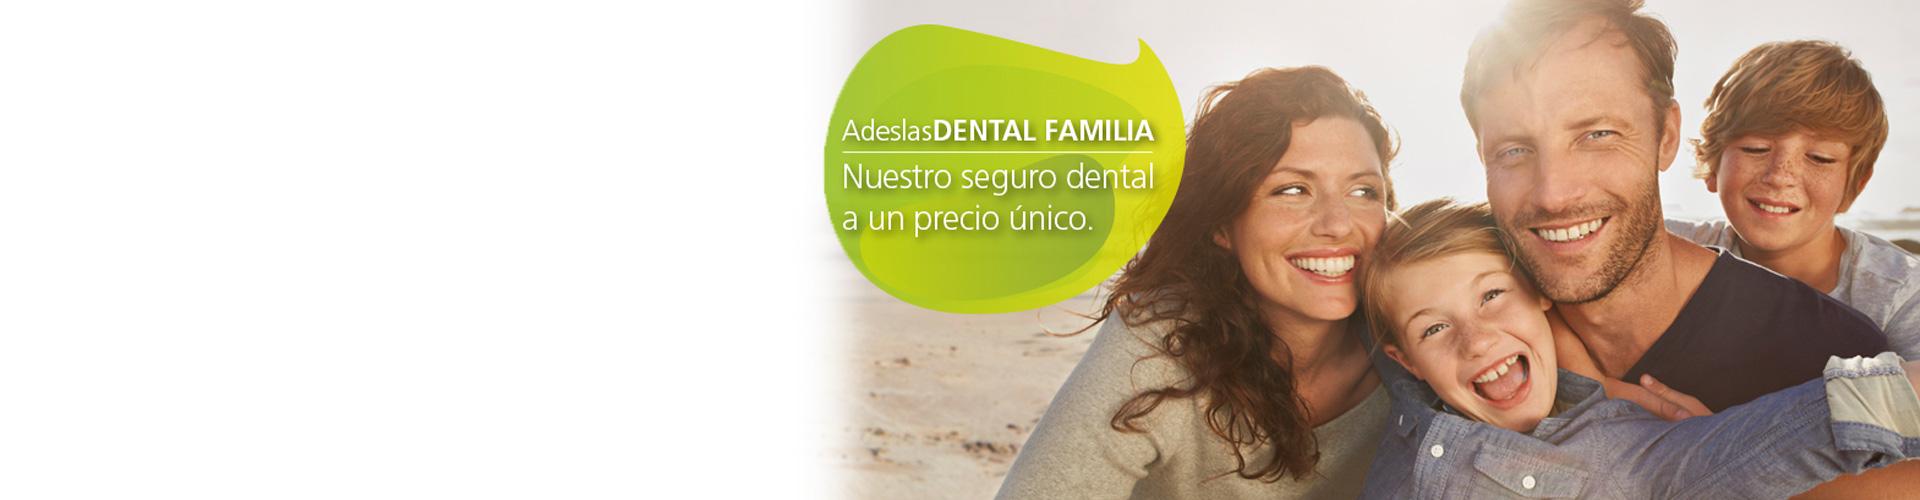 Seguros Adeslas : nuestro seguro dental a un precio único